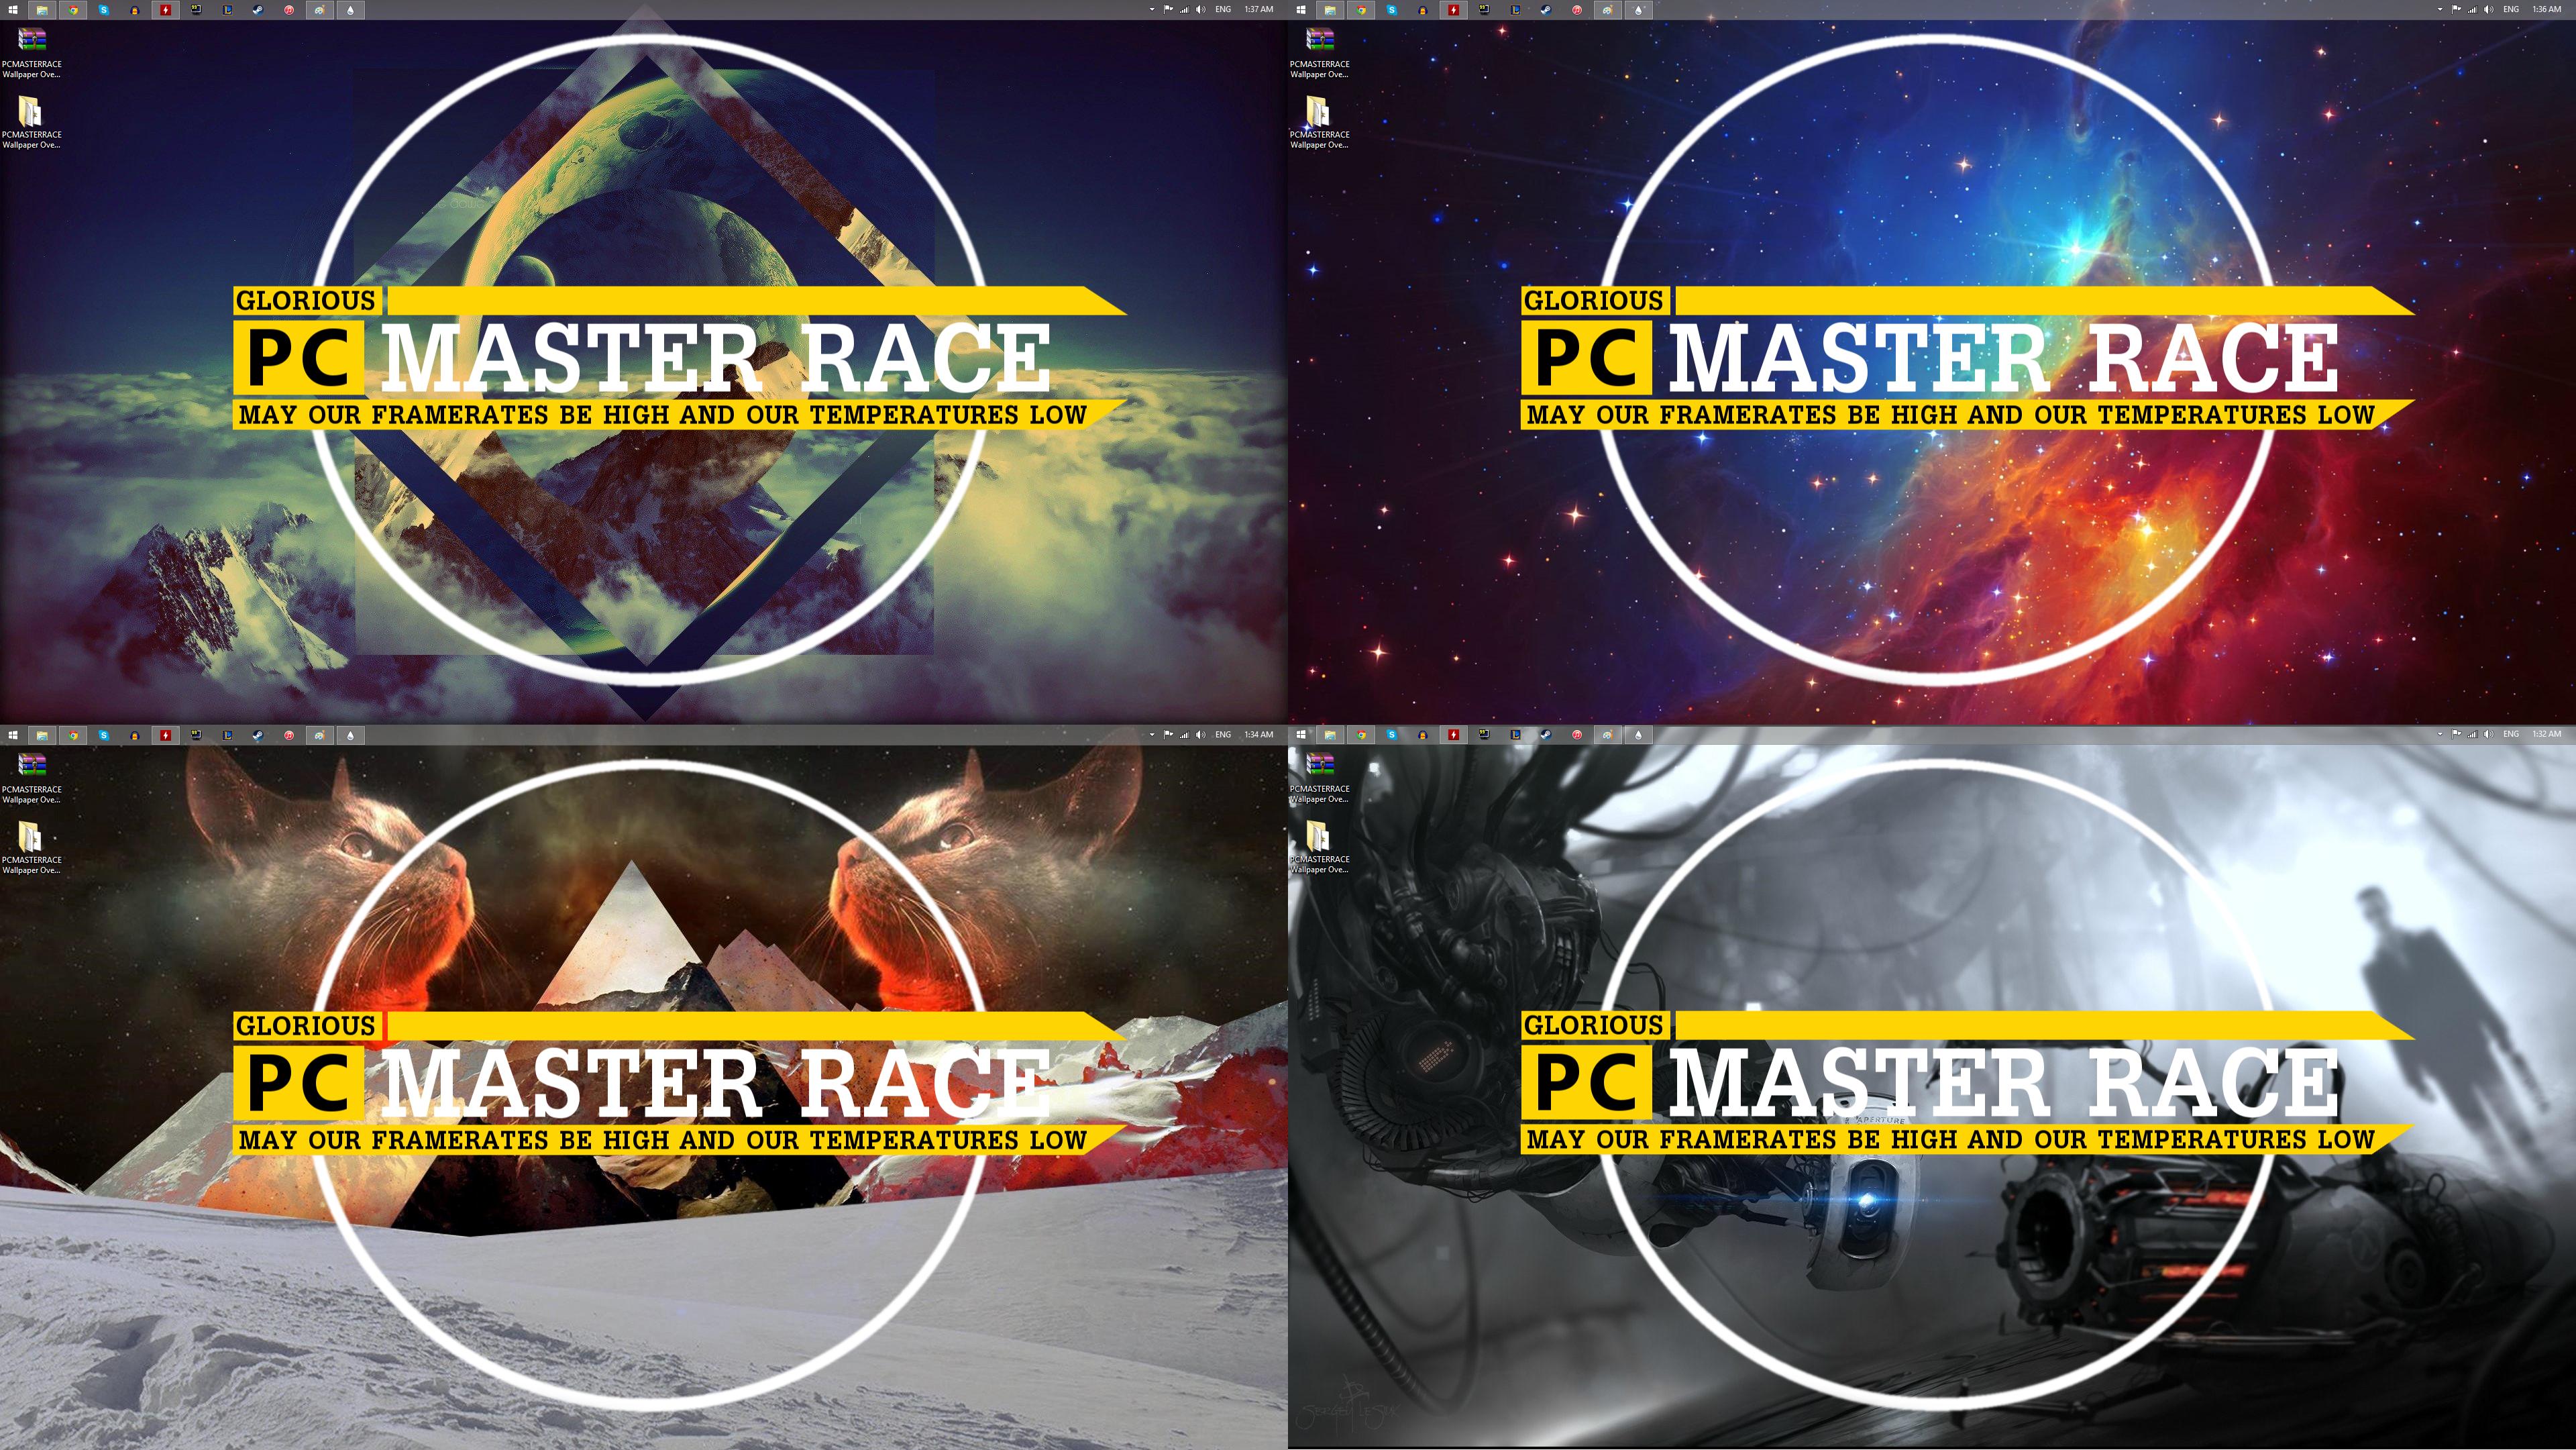 pcmasterrace wallpaper overlay by dagreatjimmy pcmasterrace wallpaper overlay by dagreatjimmy